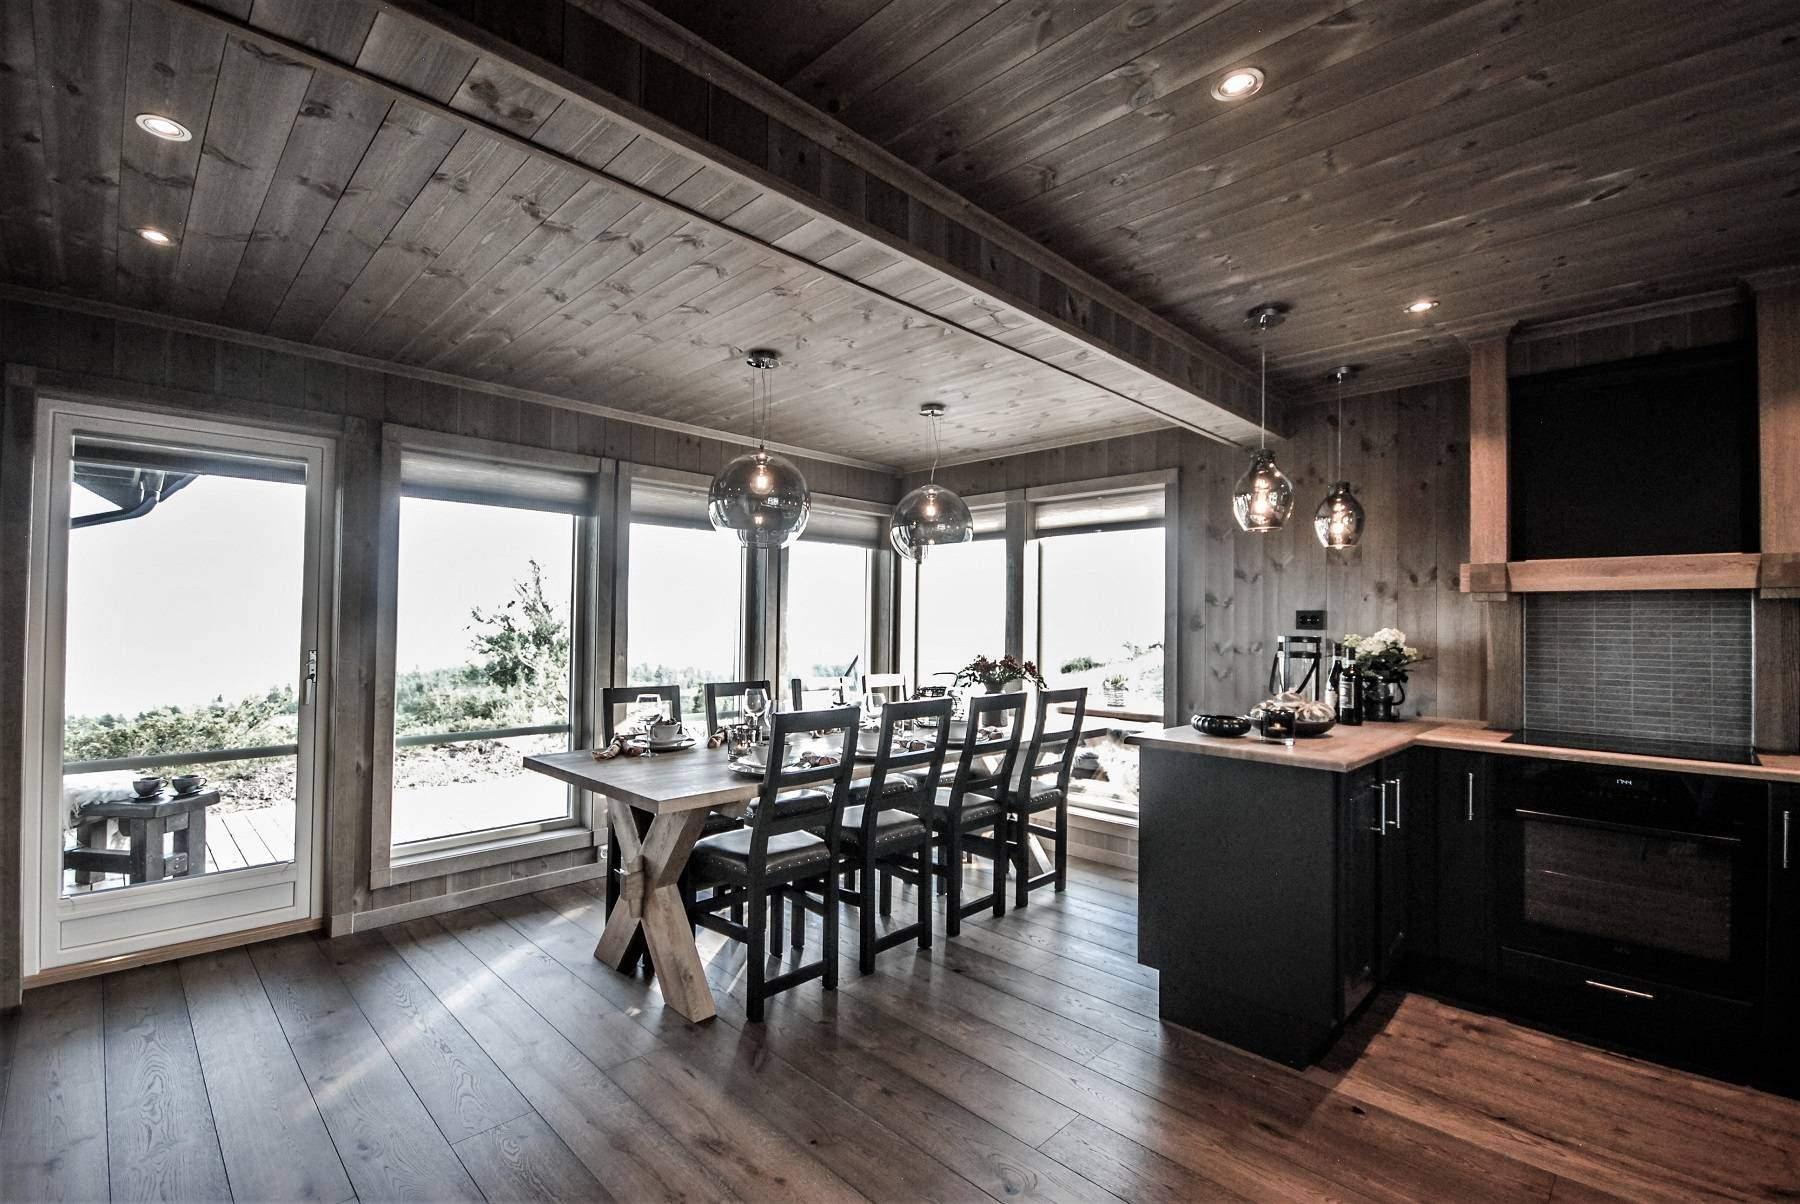 255 Hytteinteriør Hytteinspirasjon Storjuvtinden 114 på Nesbyen. Fantastisk naturopplevelse fra kjøkken og spiseplass